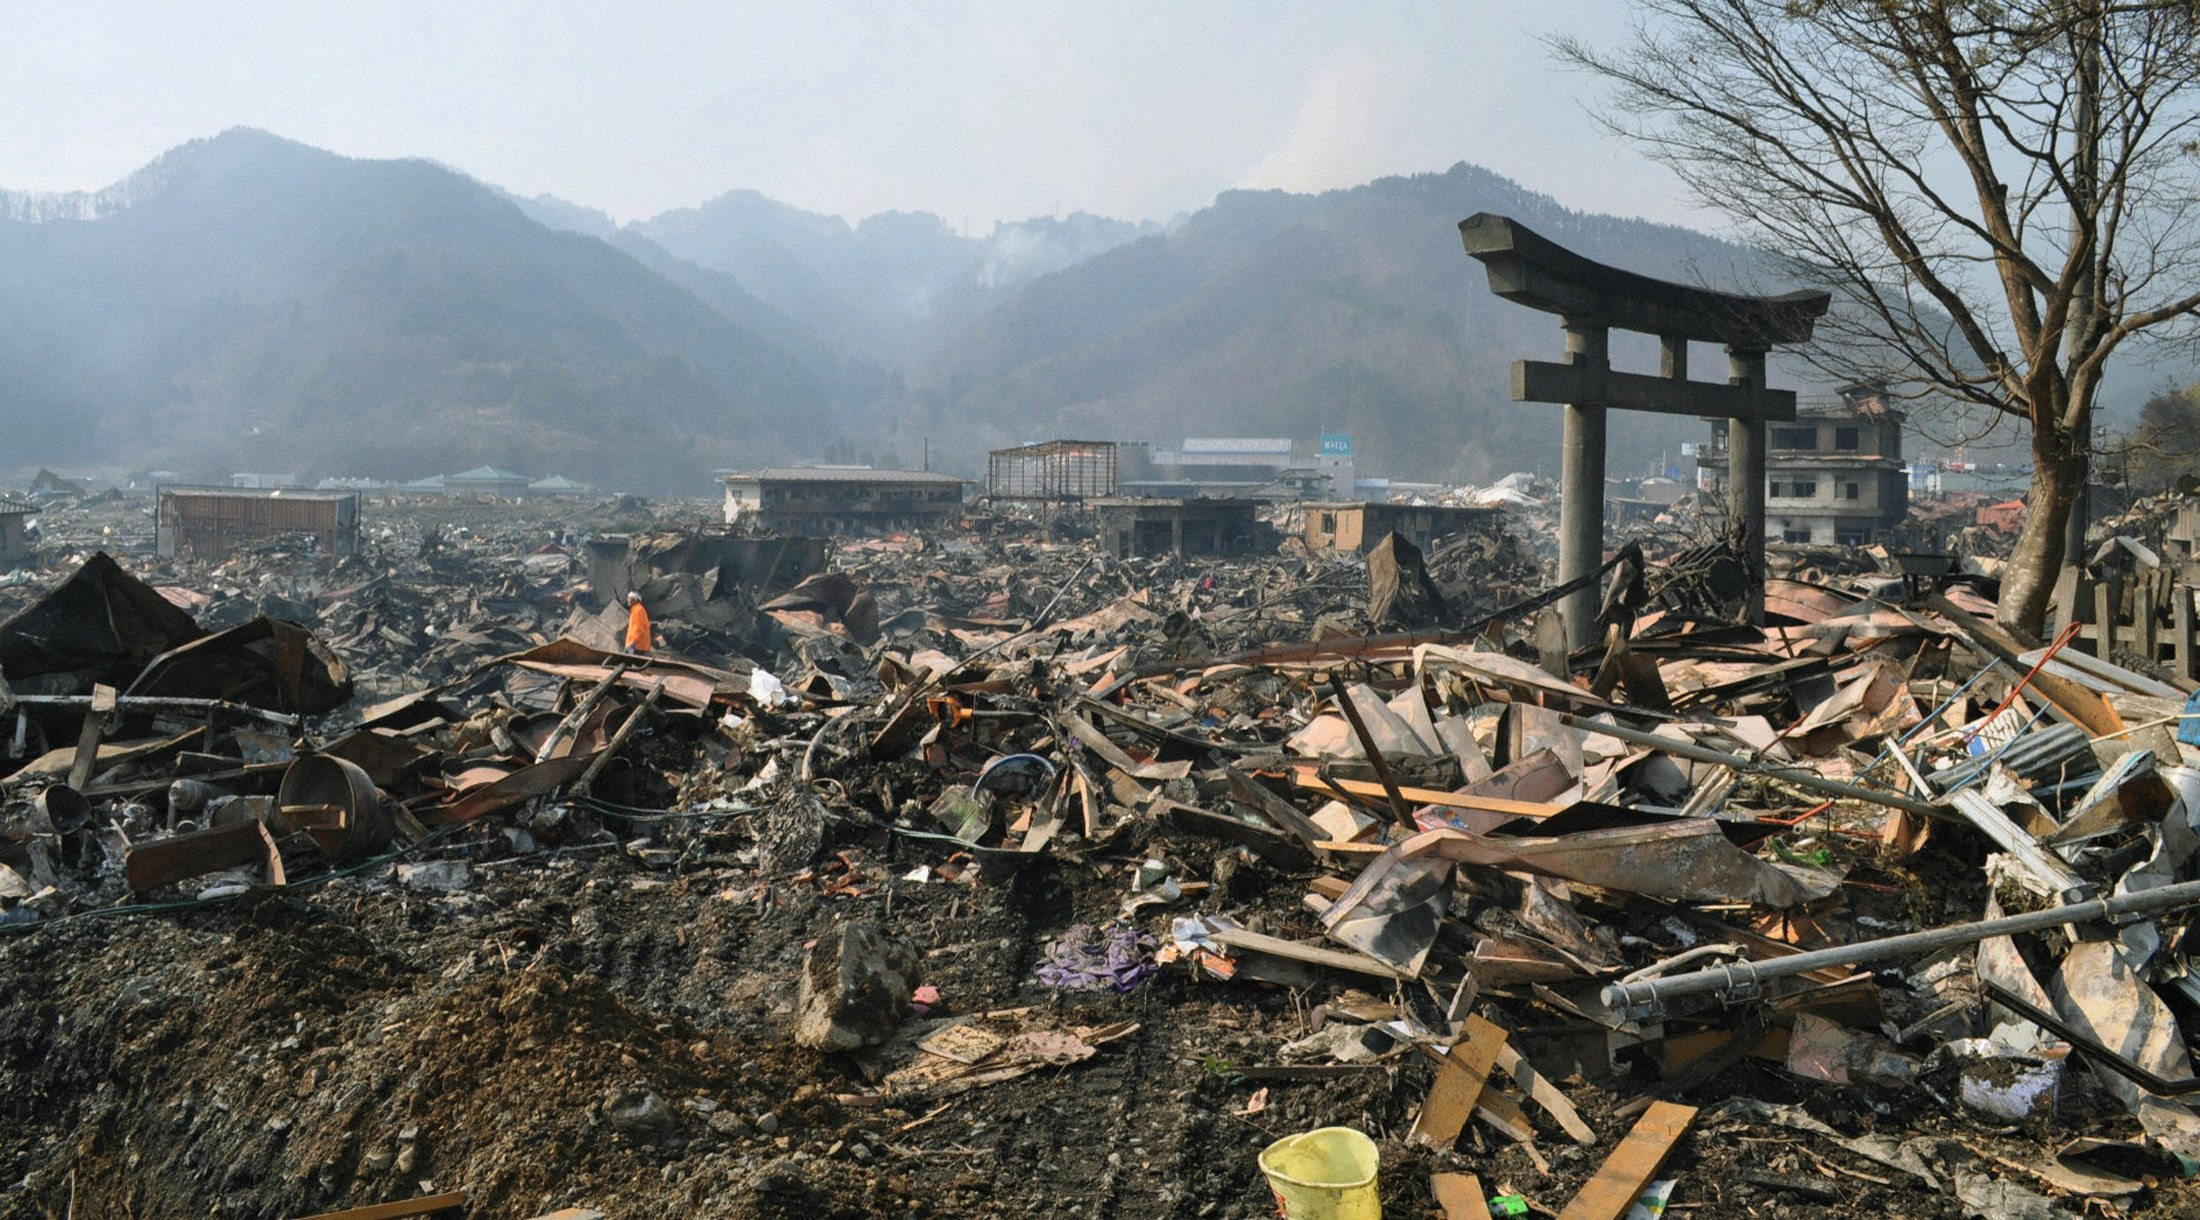 destroyed landscape is pictured in otsuchi village boufosnews